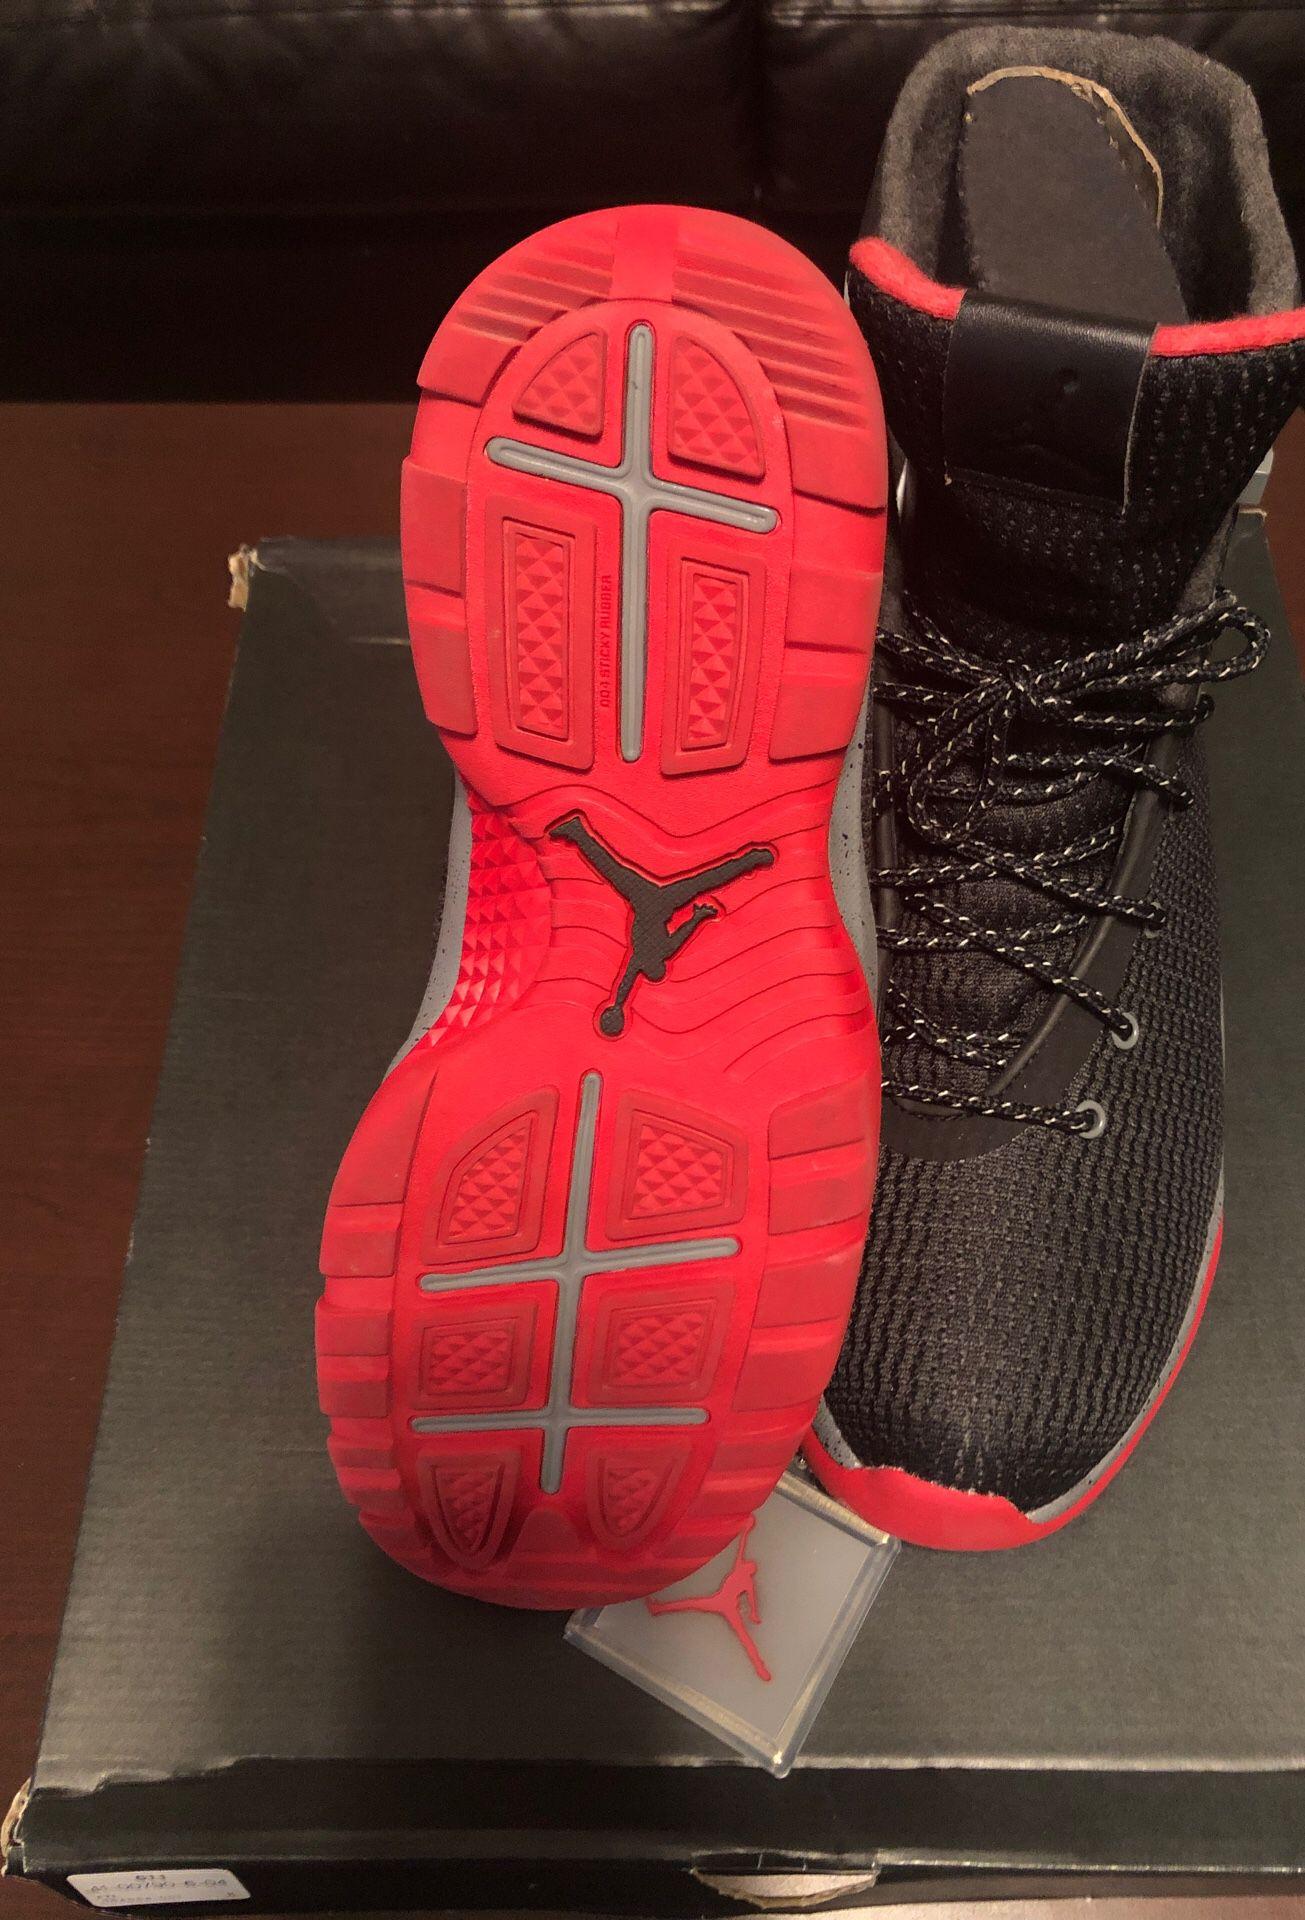 Jordan's Future Boots